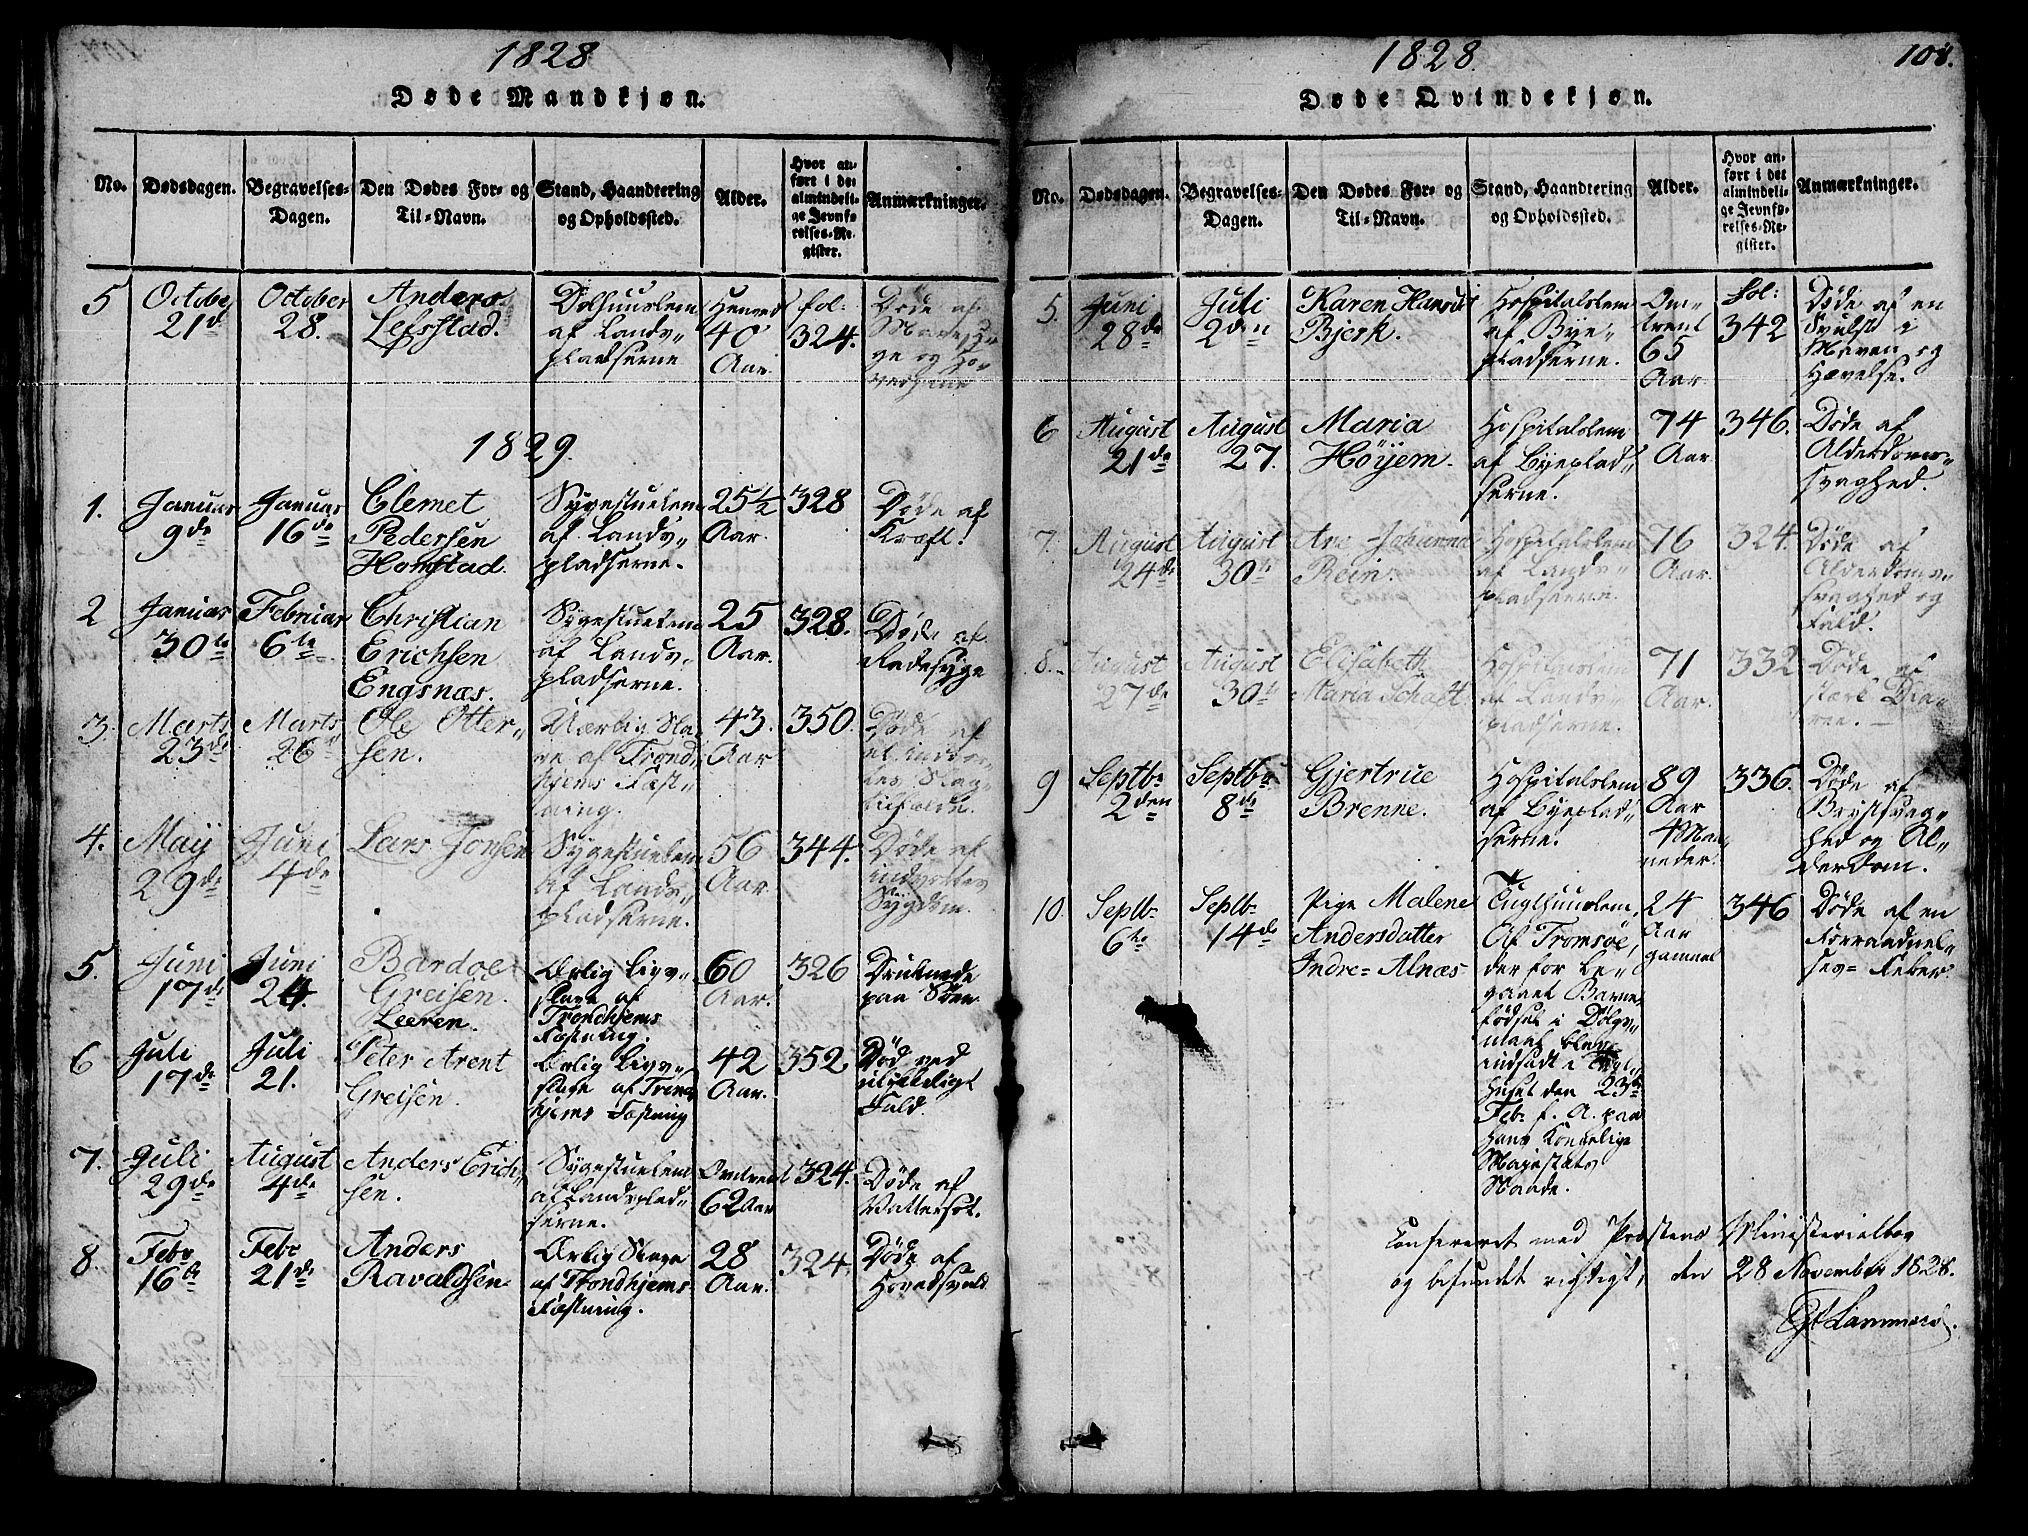 SAT, Ministerialprotokoller, klokkerbøker og fødselsregistre - Sør-Trøndelag, 623/L0478: Klokkerbok nr. 623C01, 1815-1873, s. 108